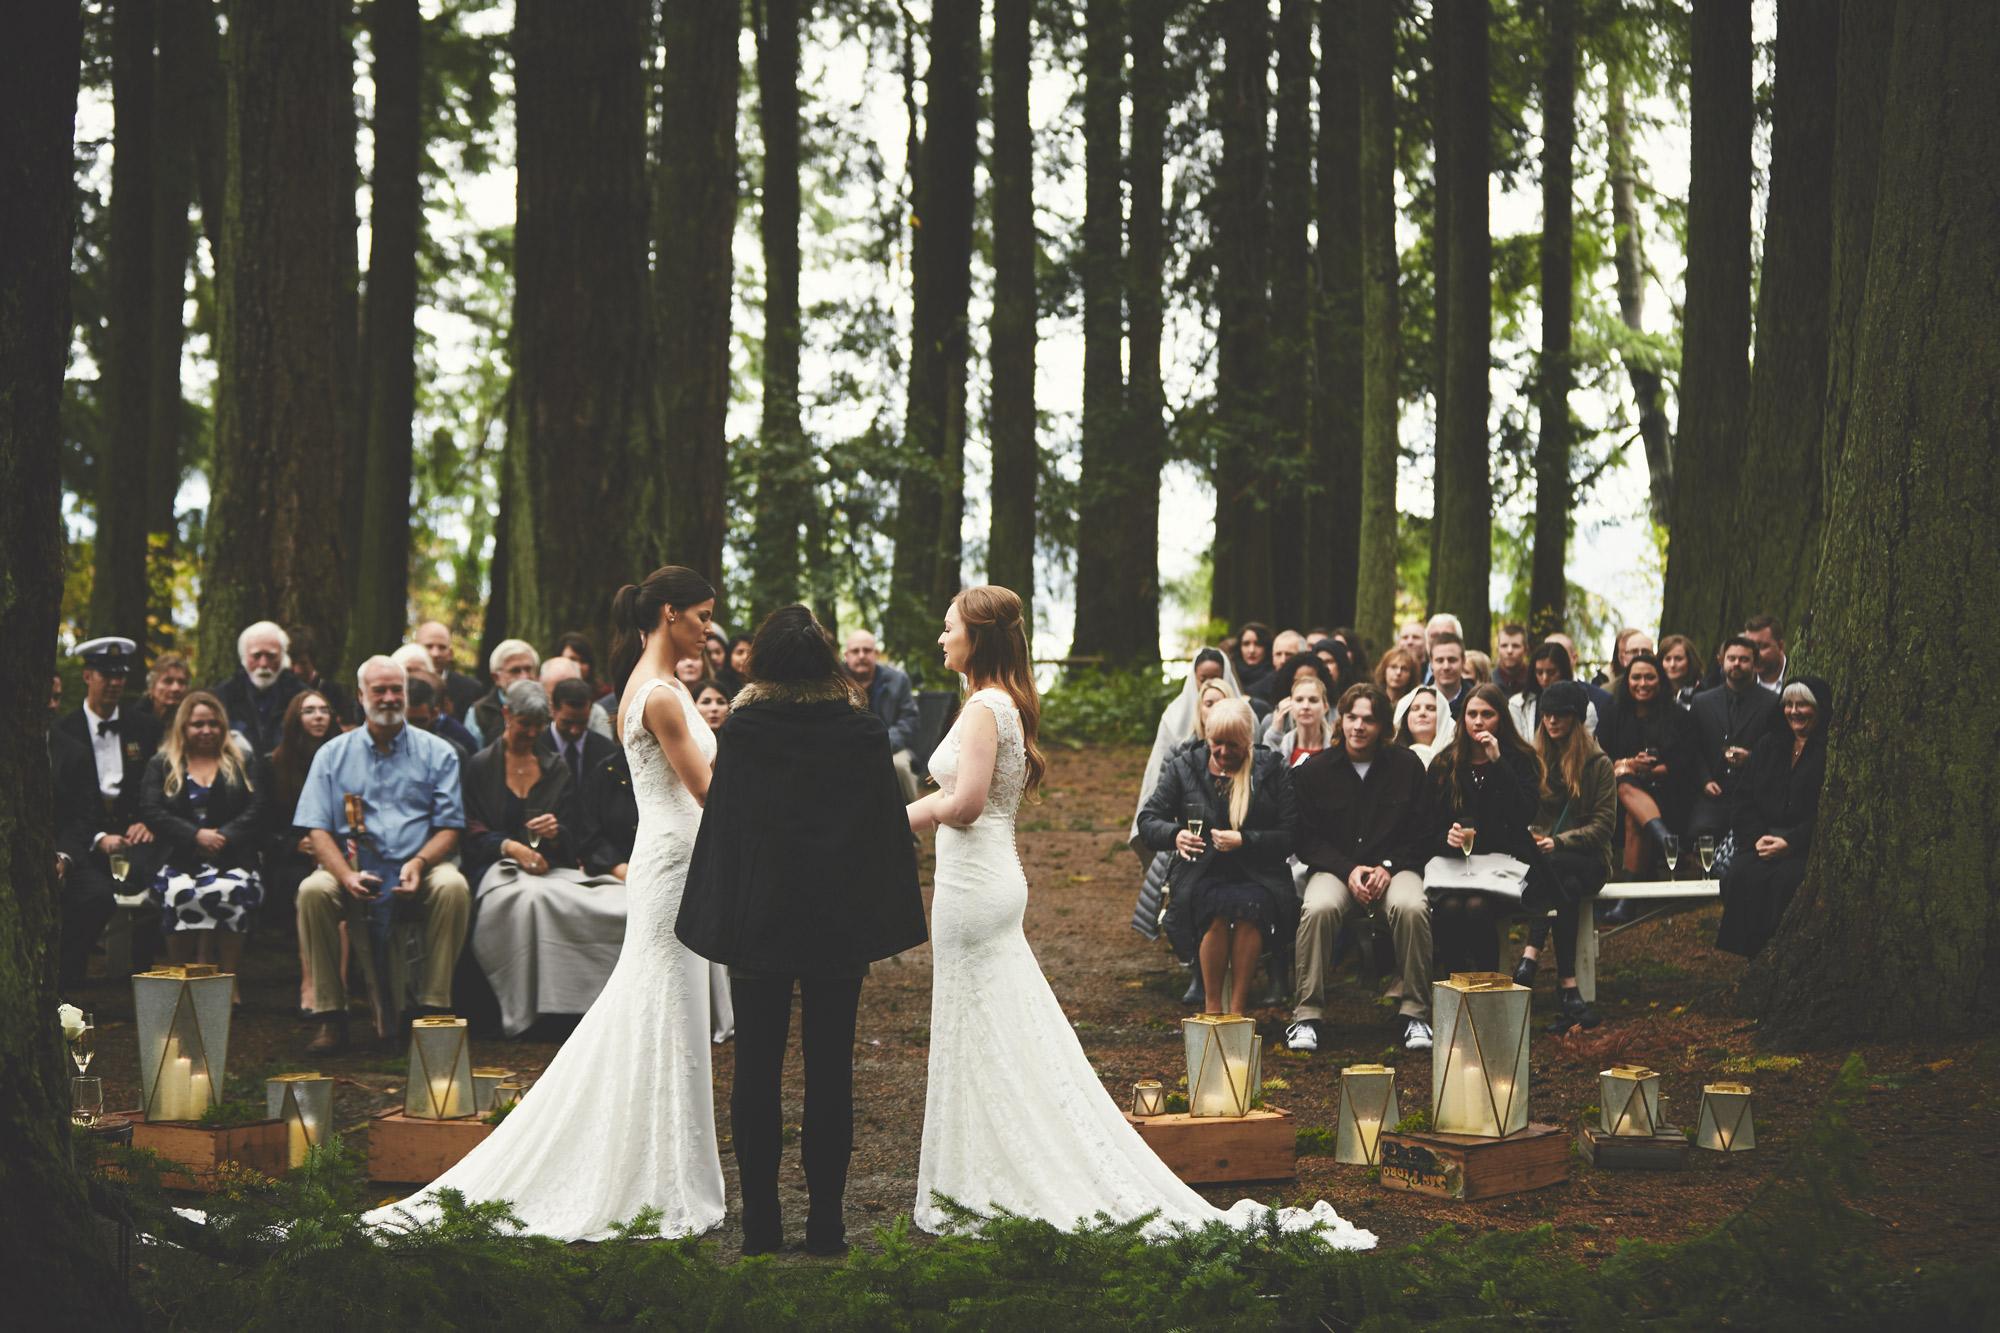 101616_jen-katy_wedding_1263.jpg